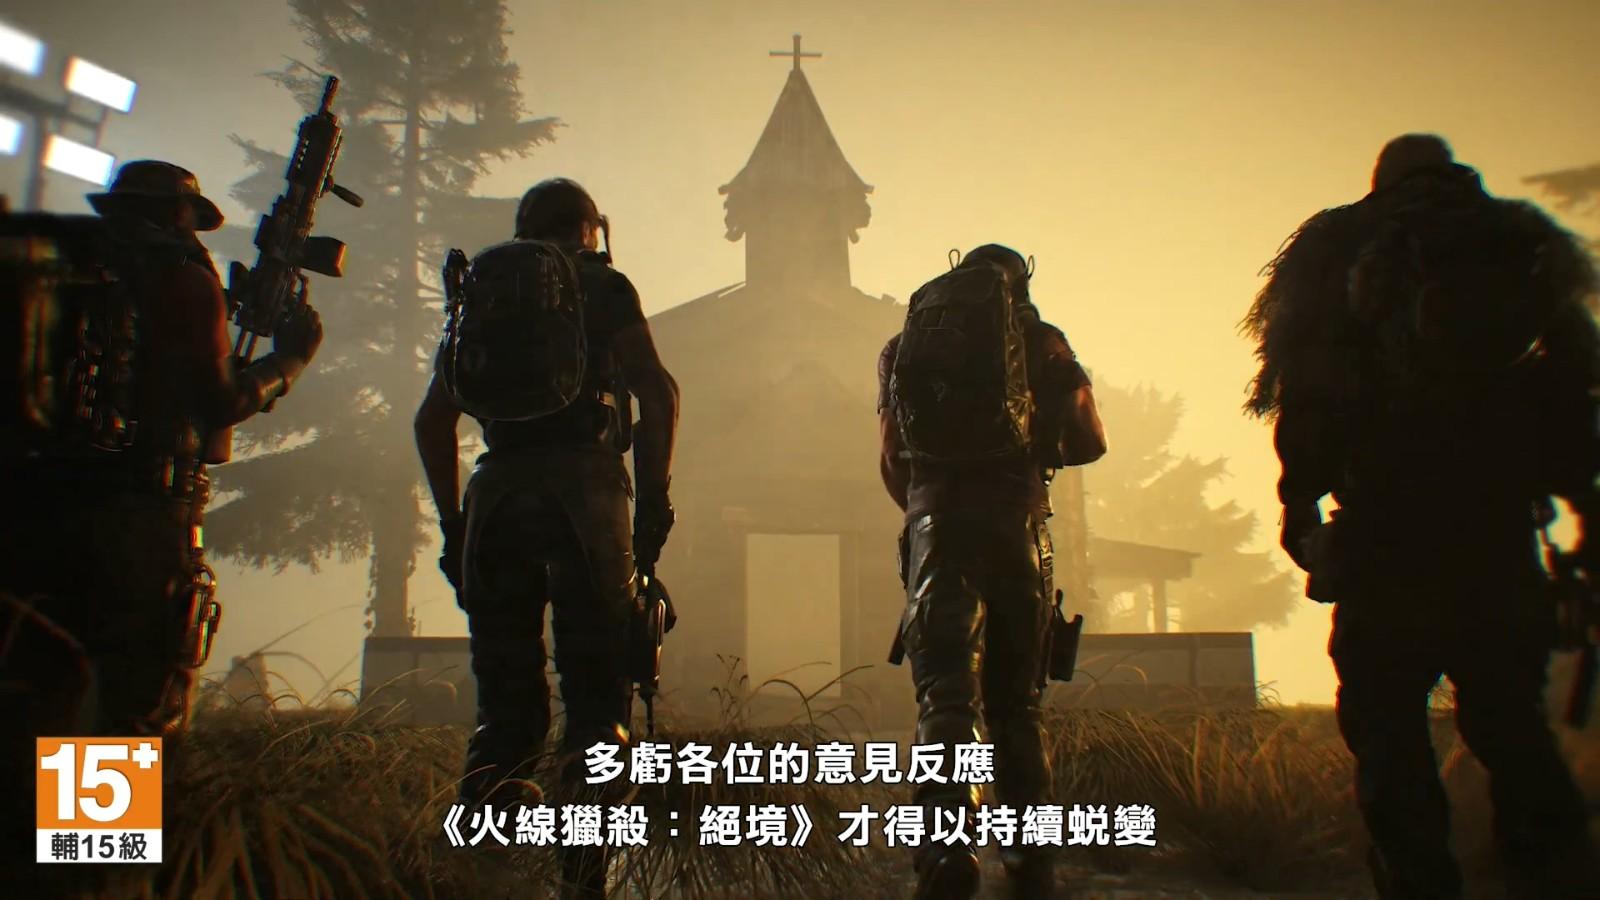 E3:《幽灵行动:断点》20周年预告 将带来全新内容